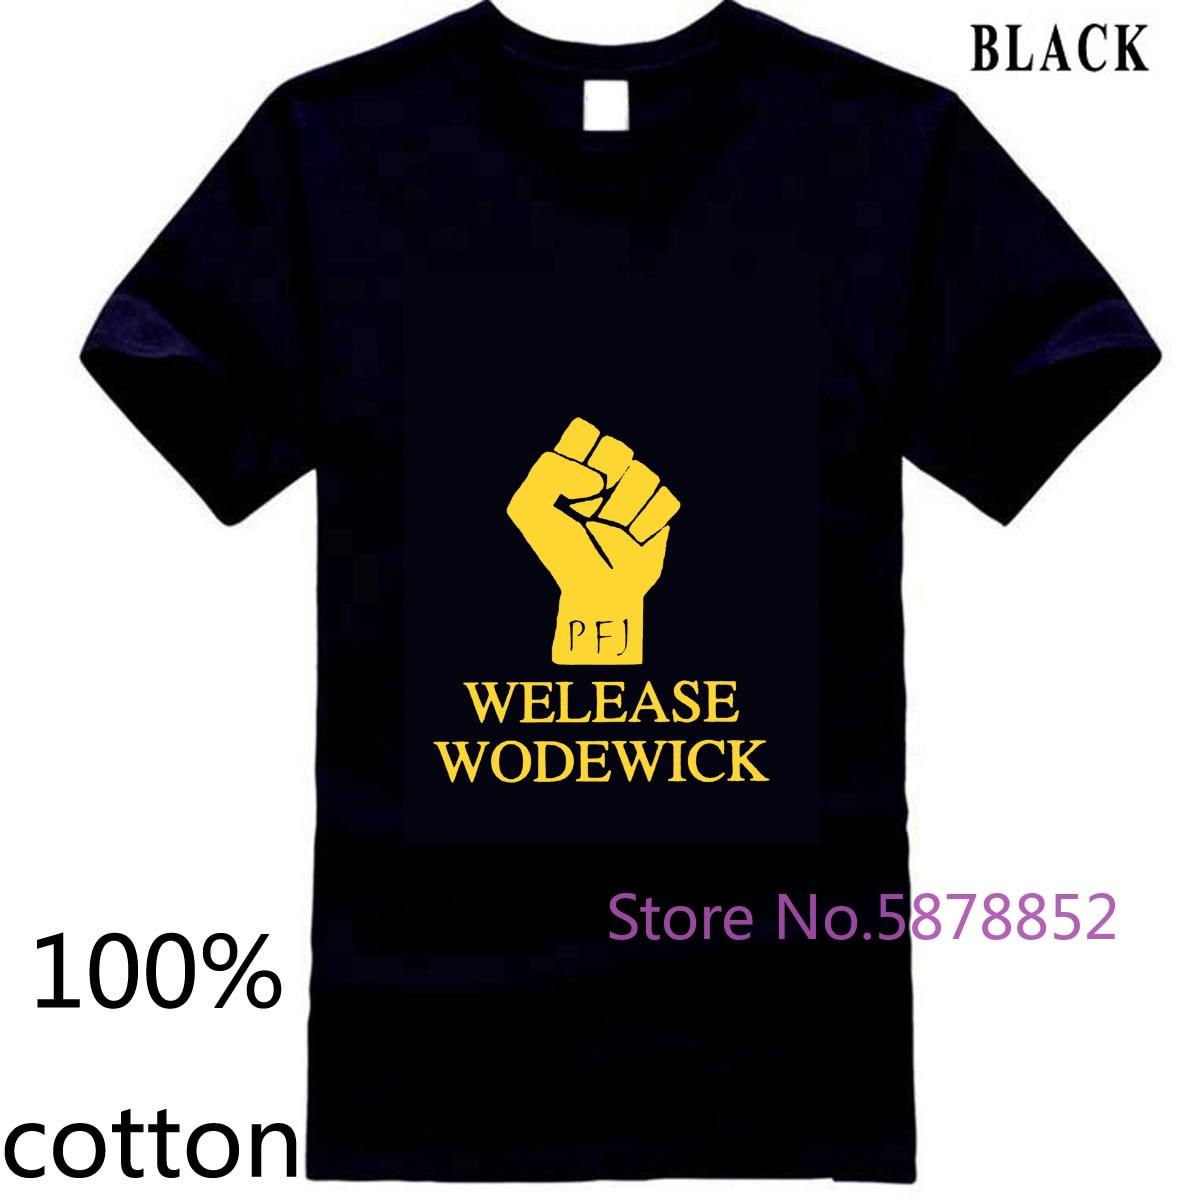 ¡Monty Python parodia Welease godeguick! Vida de Brian. Camiseta de hombre Camiseta tops camisetas 100% algodón cuello redondo 3XL 4XL 5XL